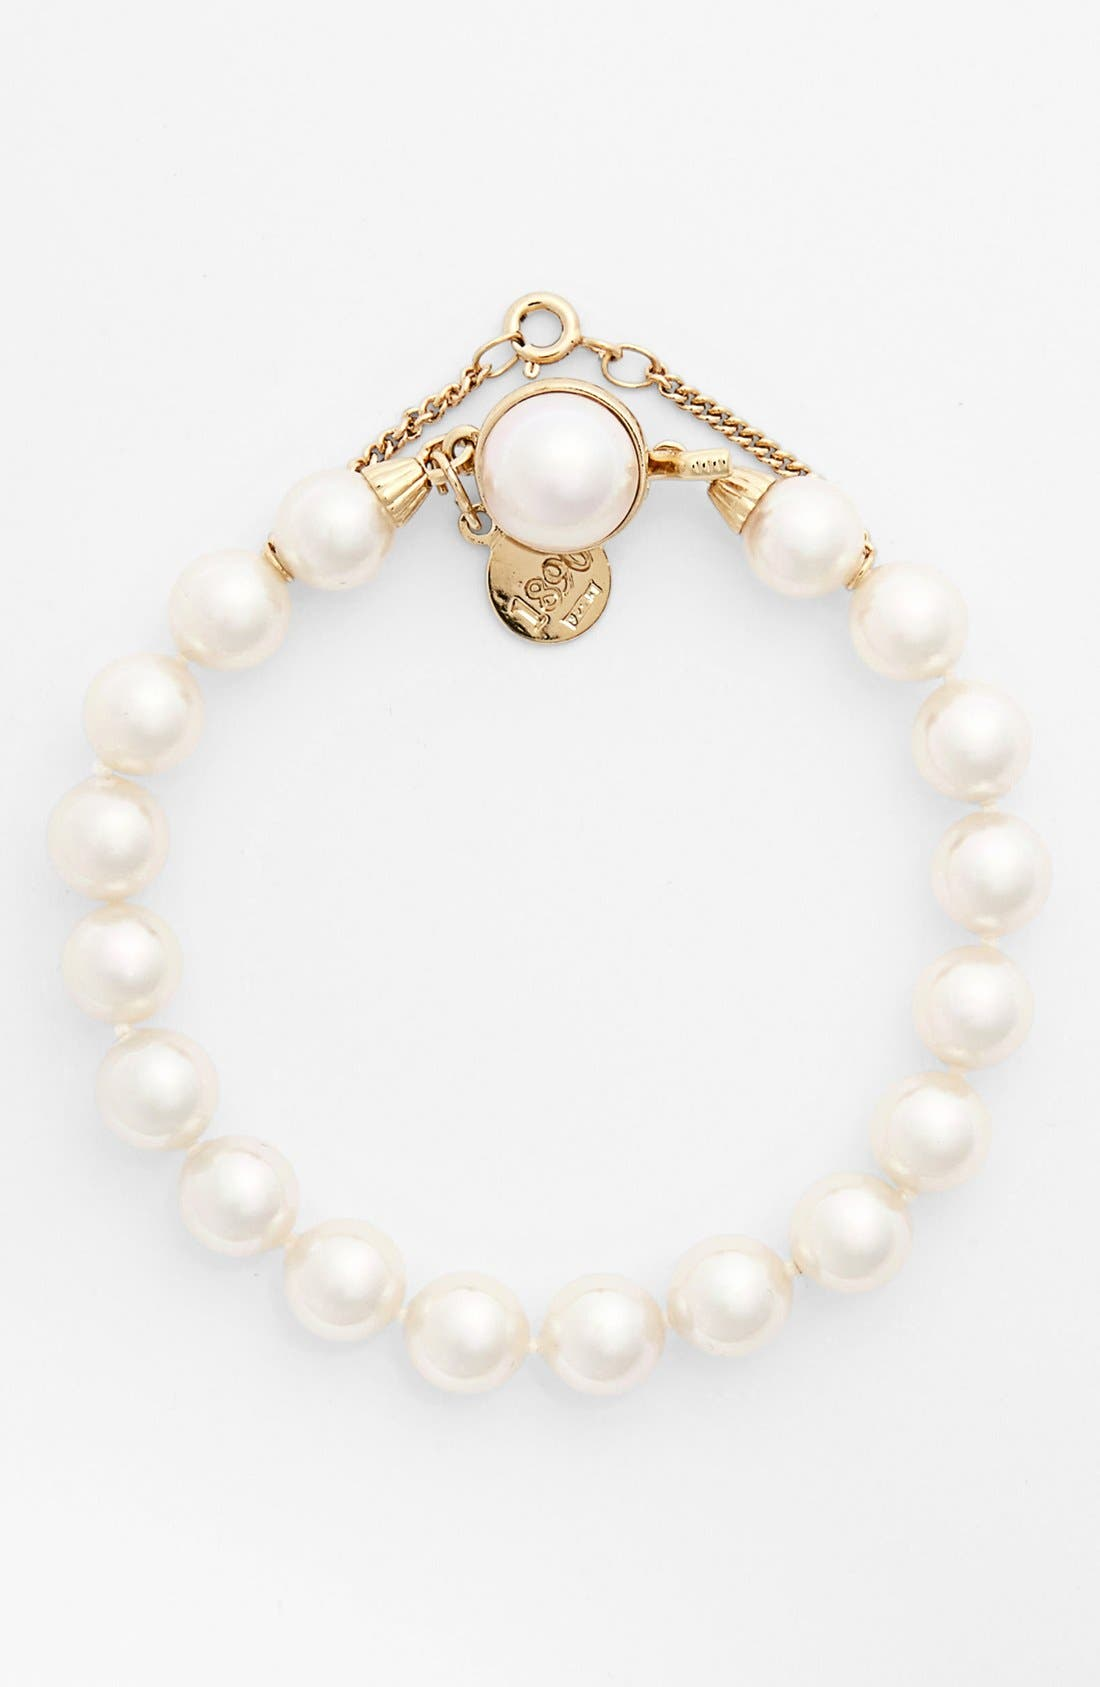 MAJORICA 8mm Single Row Pearl Bracelet